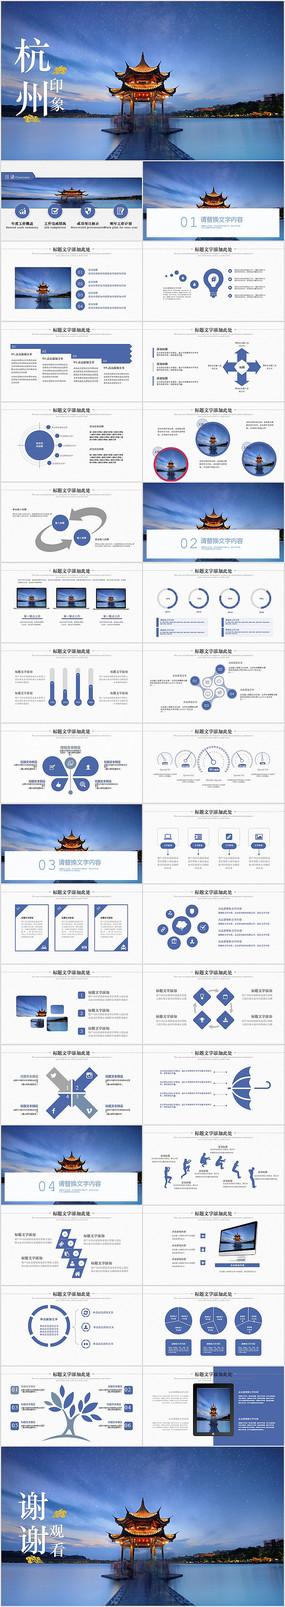 时尚杭州印象杭州旅游画册PPT模板 pptx